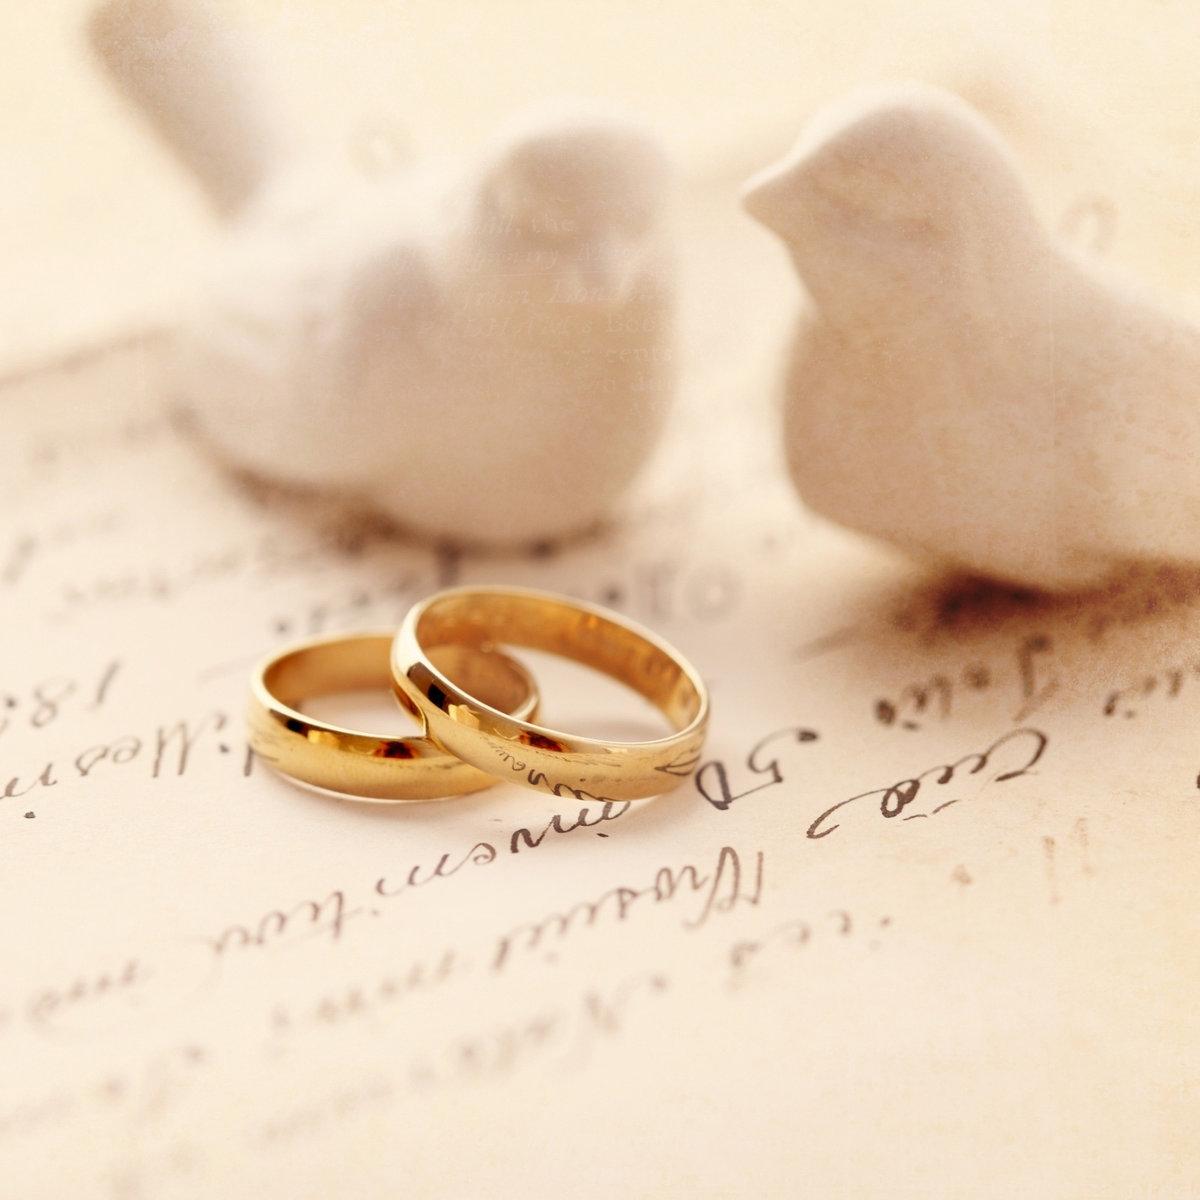 Общее поздравление с годовщиной свадьбы